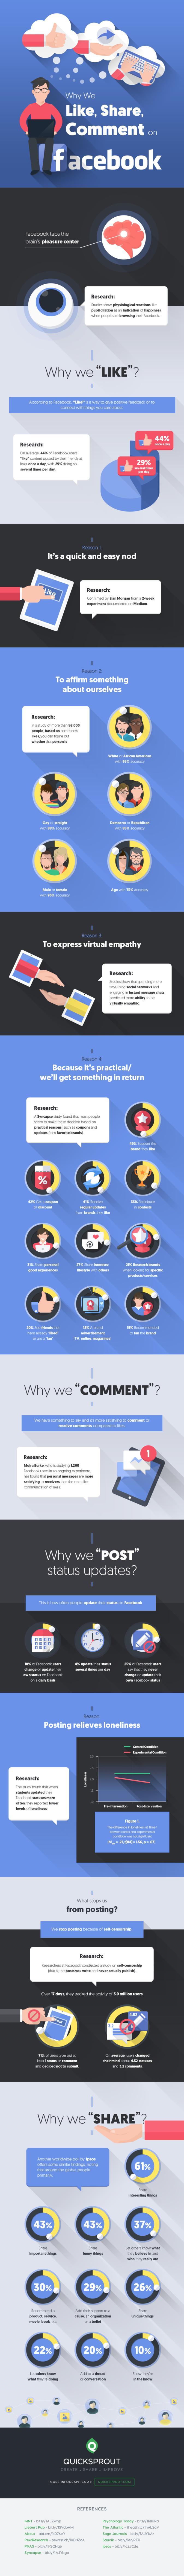 Aumenta la tua visibilità : studio sul comportamento degli utenti di Facebook